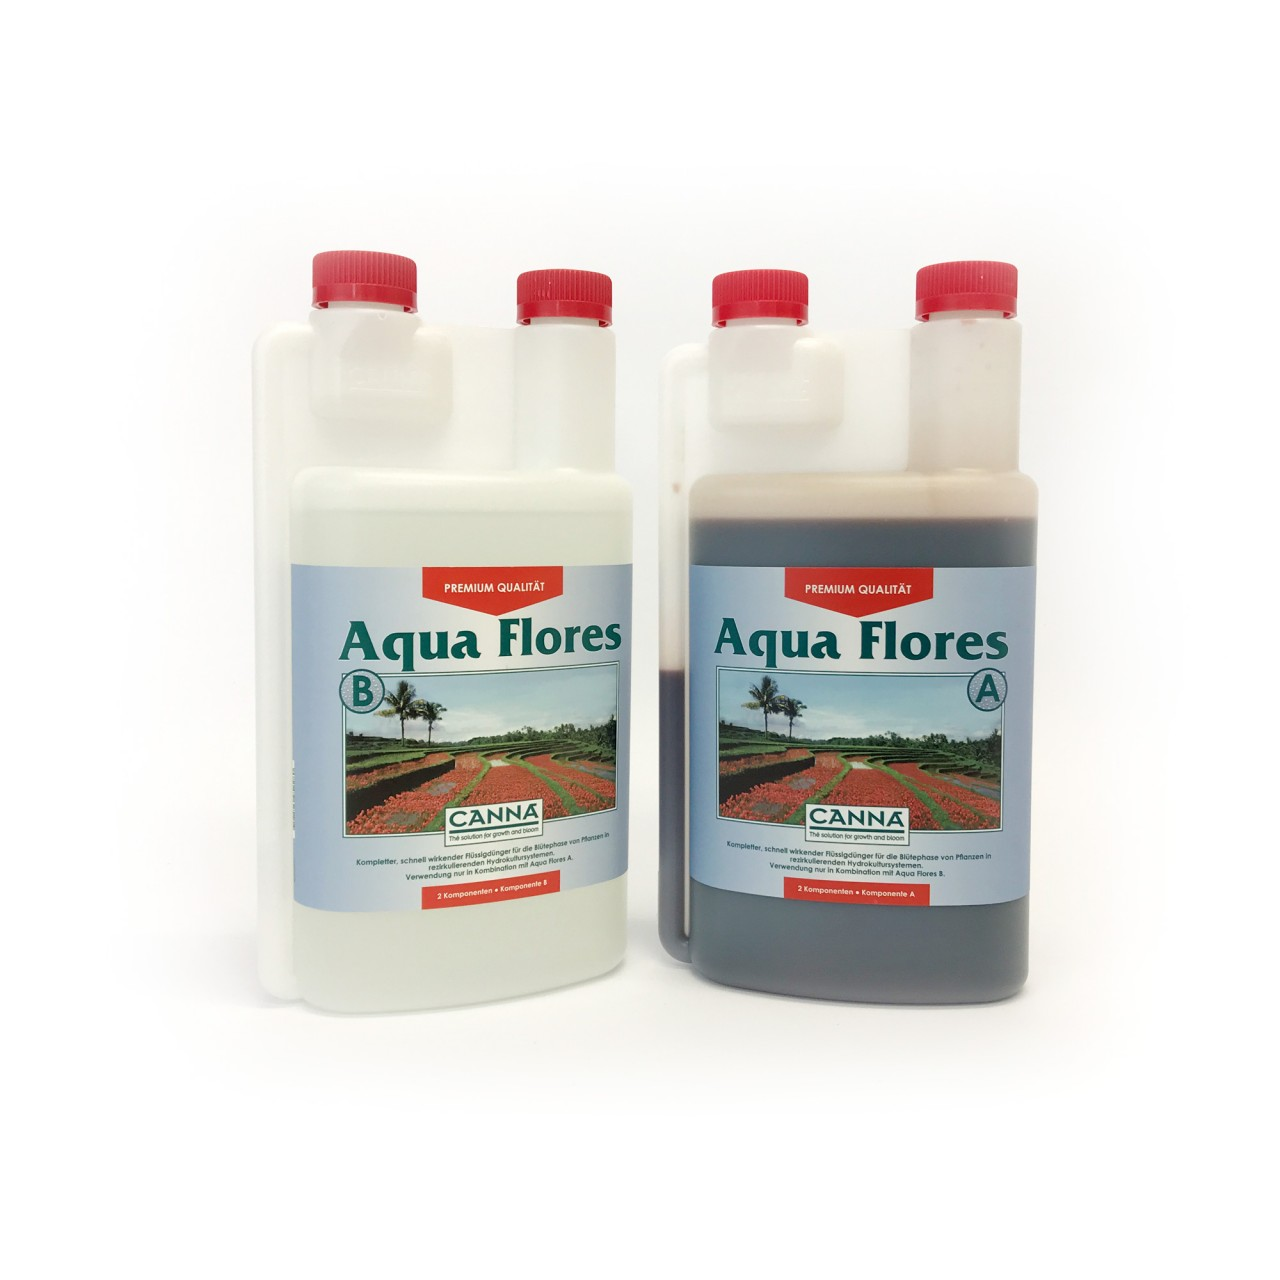 CANNA Aqua Flores A und B je 1 Liter